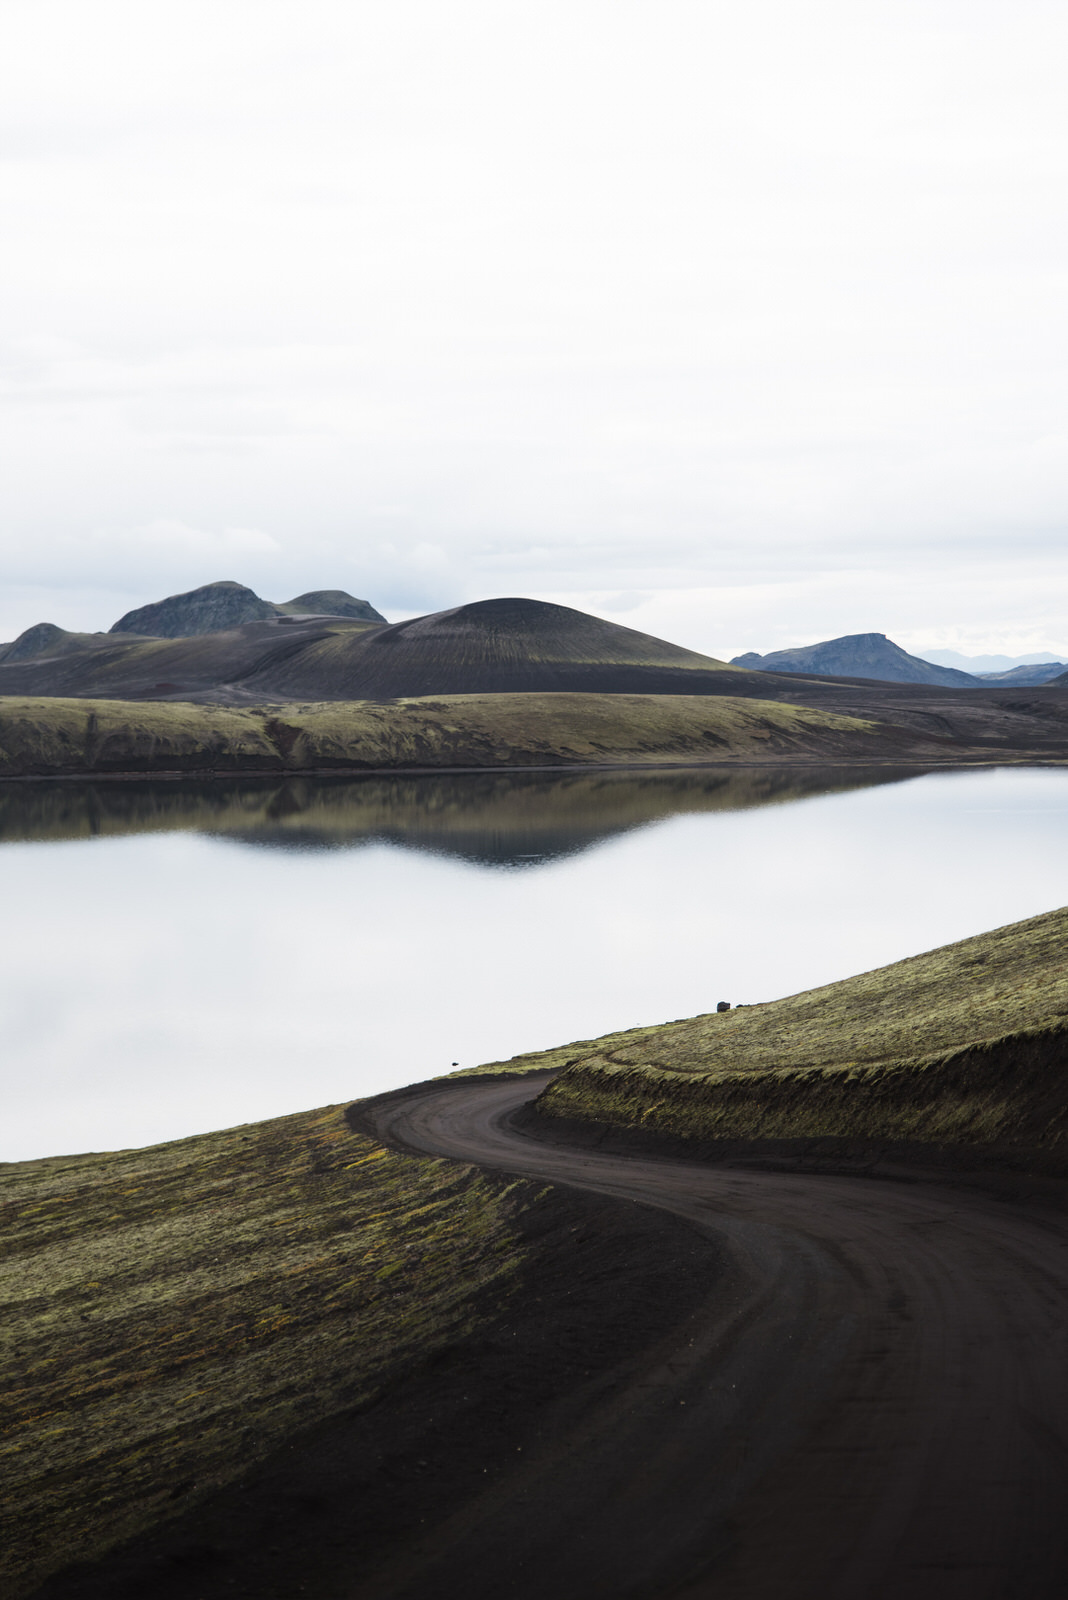 iceland road trip day 5 - landmannalaugar blahylur blahnukur